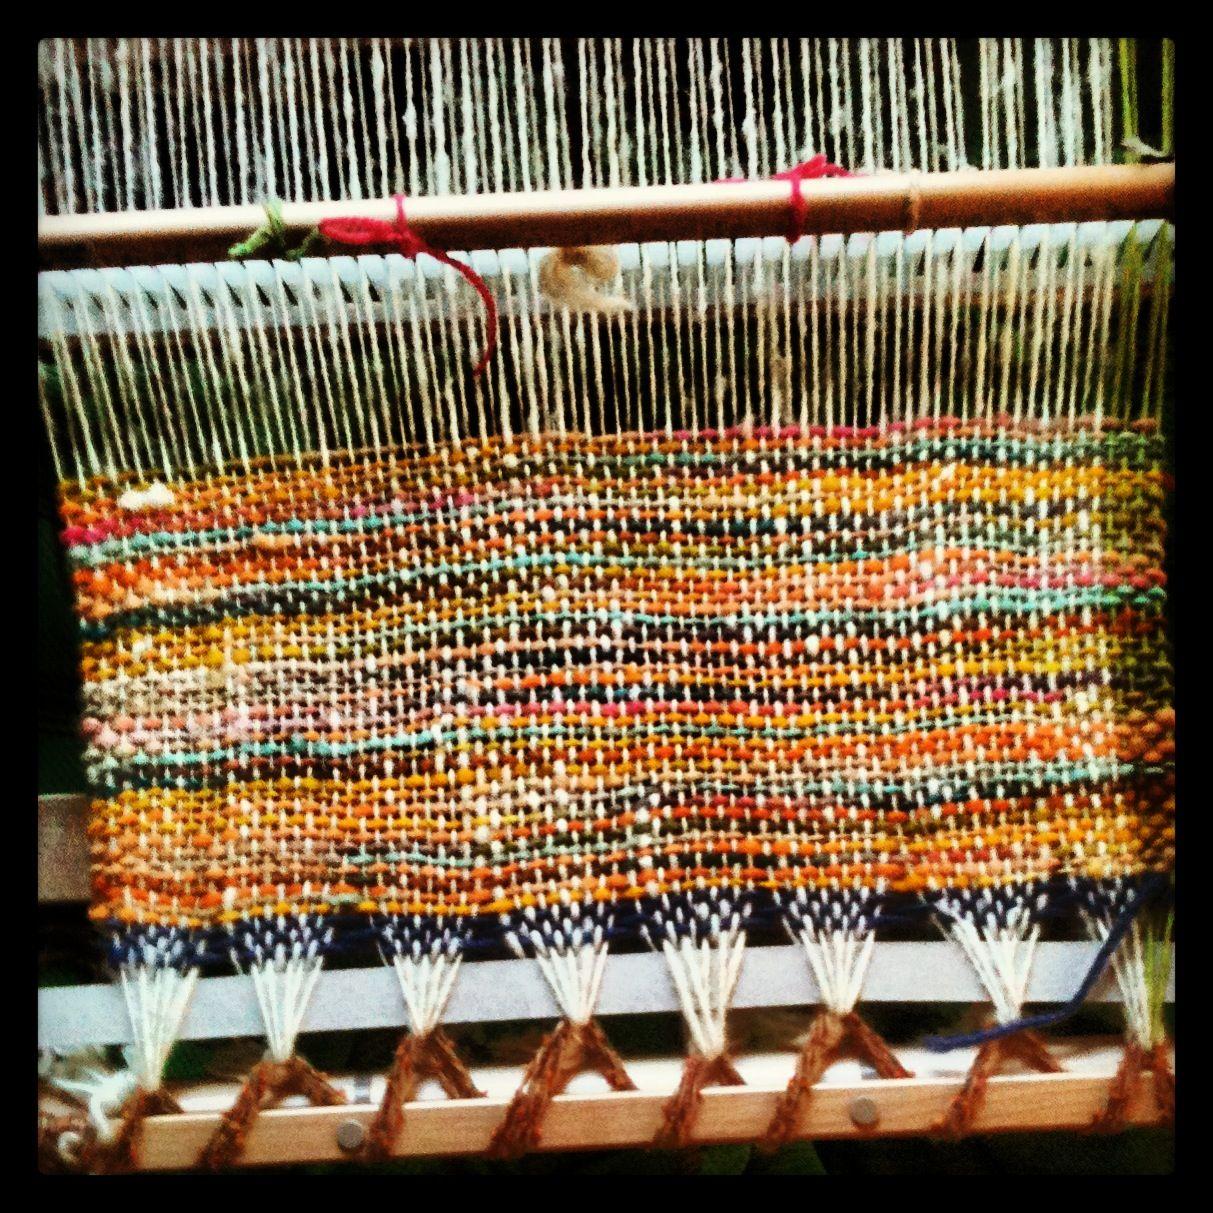 Tela de lana hilada en rueca, proveniente de Lonquimay. Esta lana es especialmente suave, por las bajas temperaturas de la zona, sus ovejas producen lana de excelente calidad